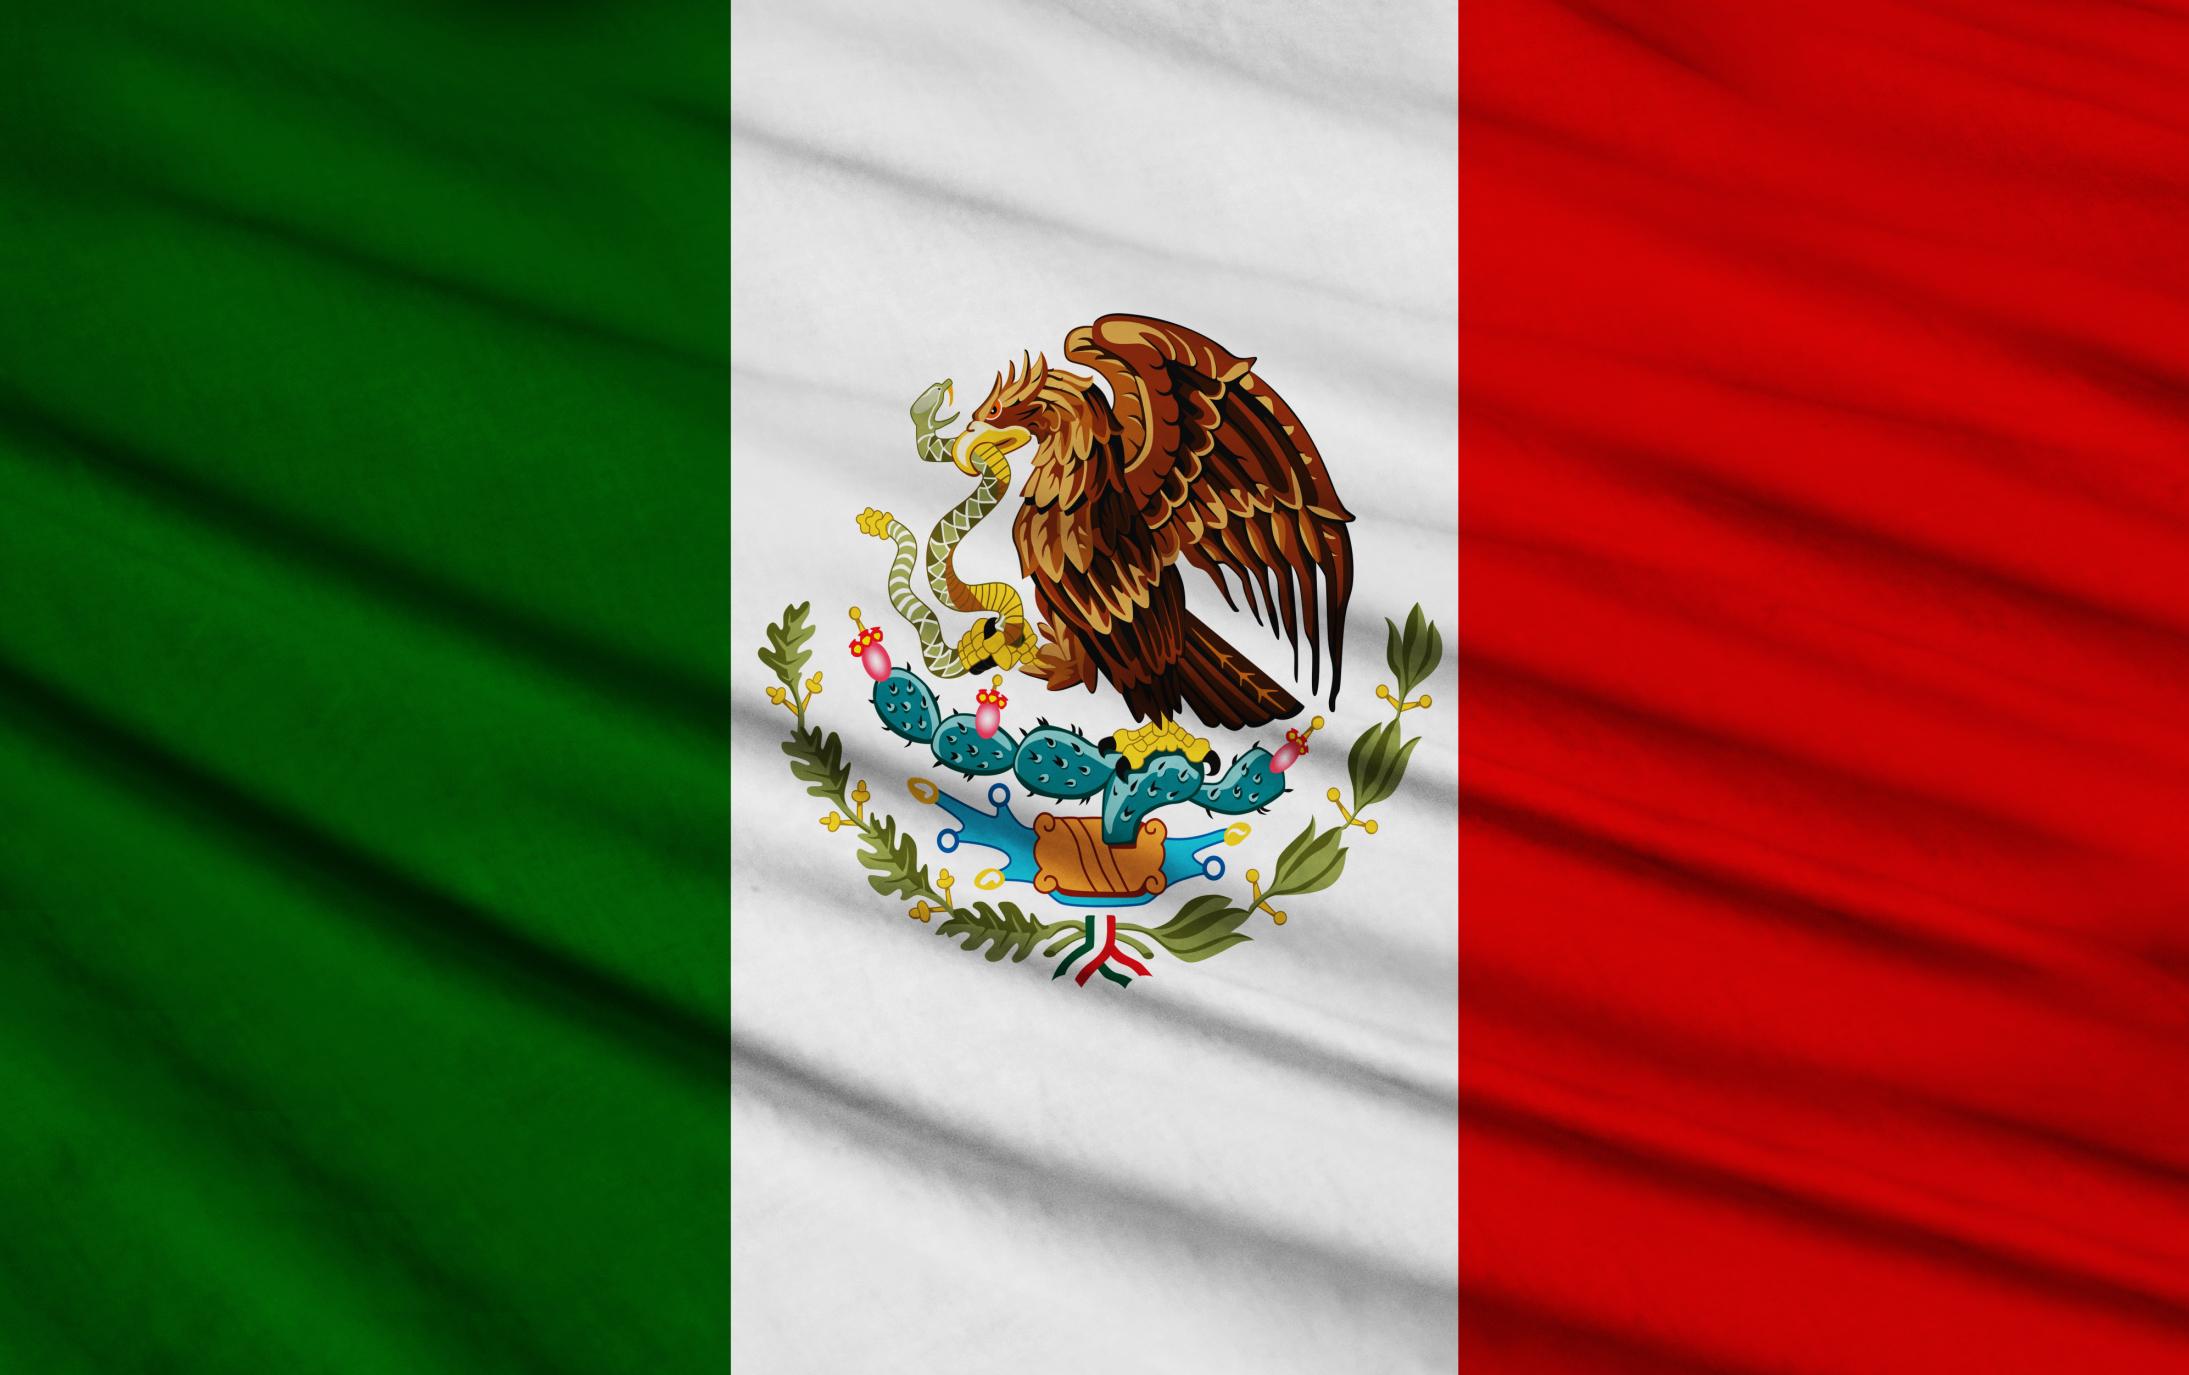 Qué significan los colores de la bandera mexicana? |